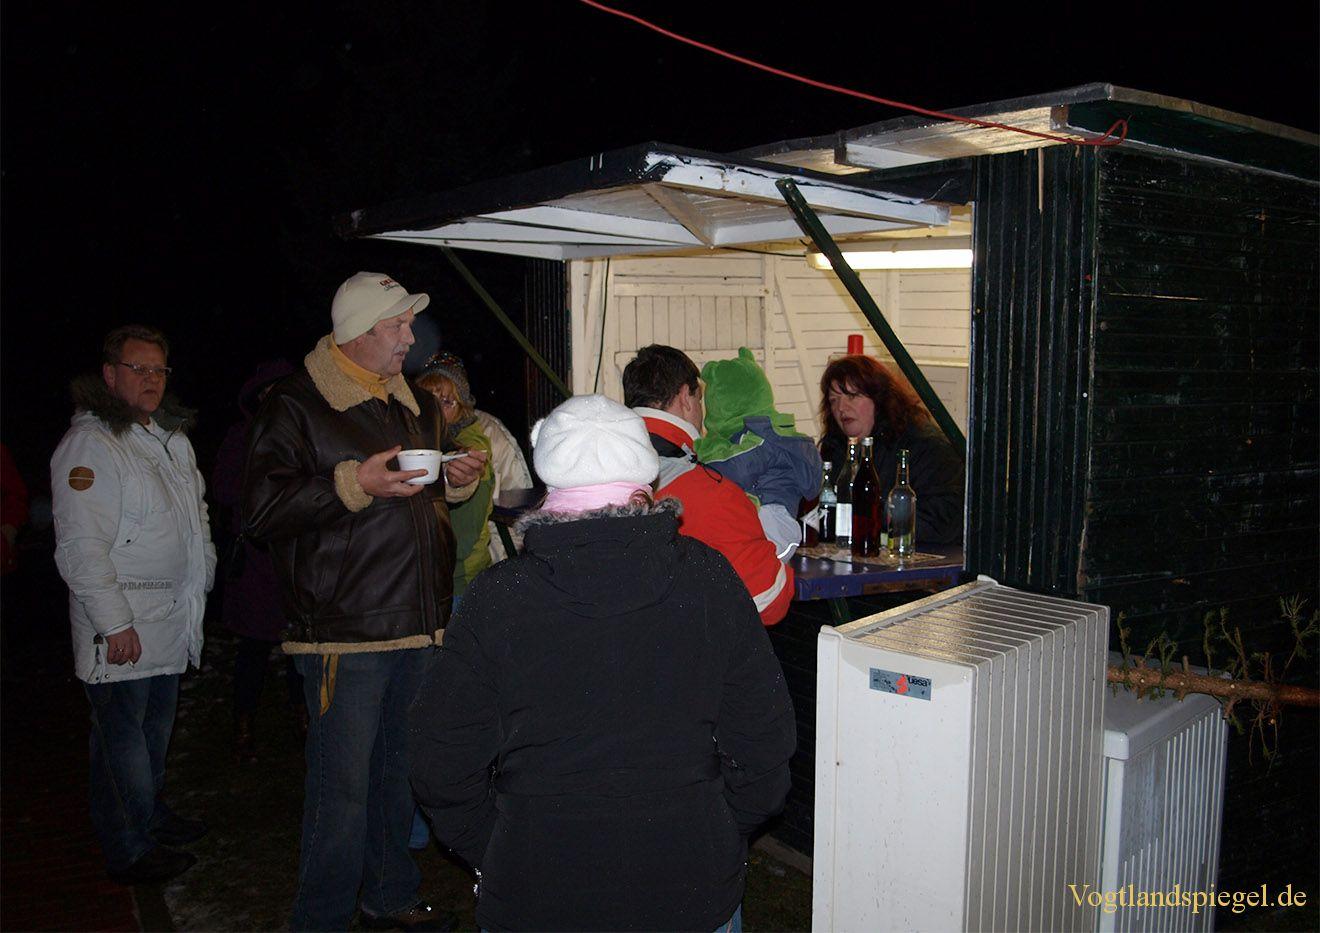 Gommlaer planen Drachenfest und Schneenachmittag